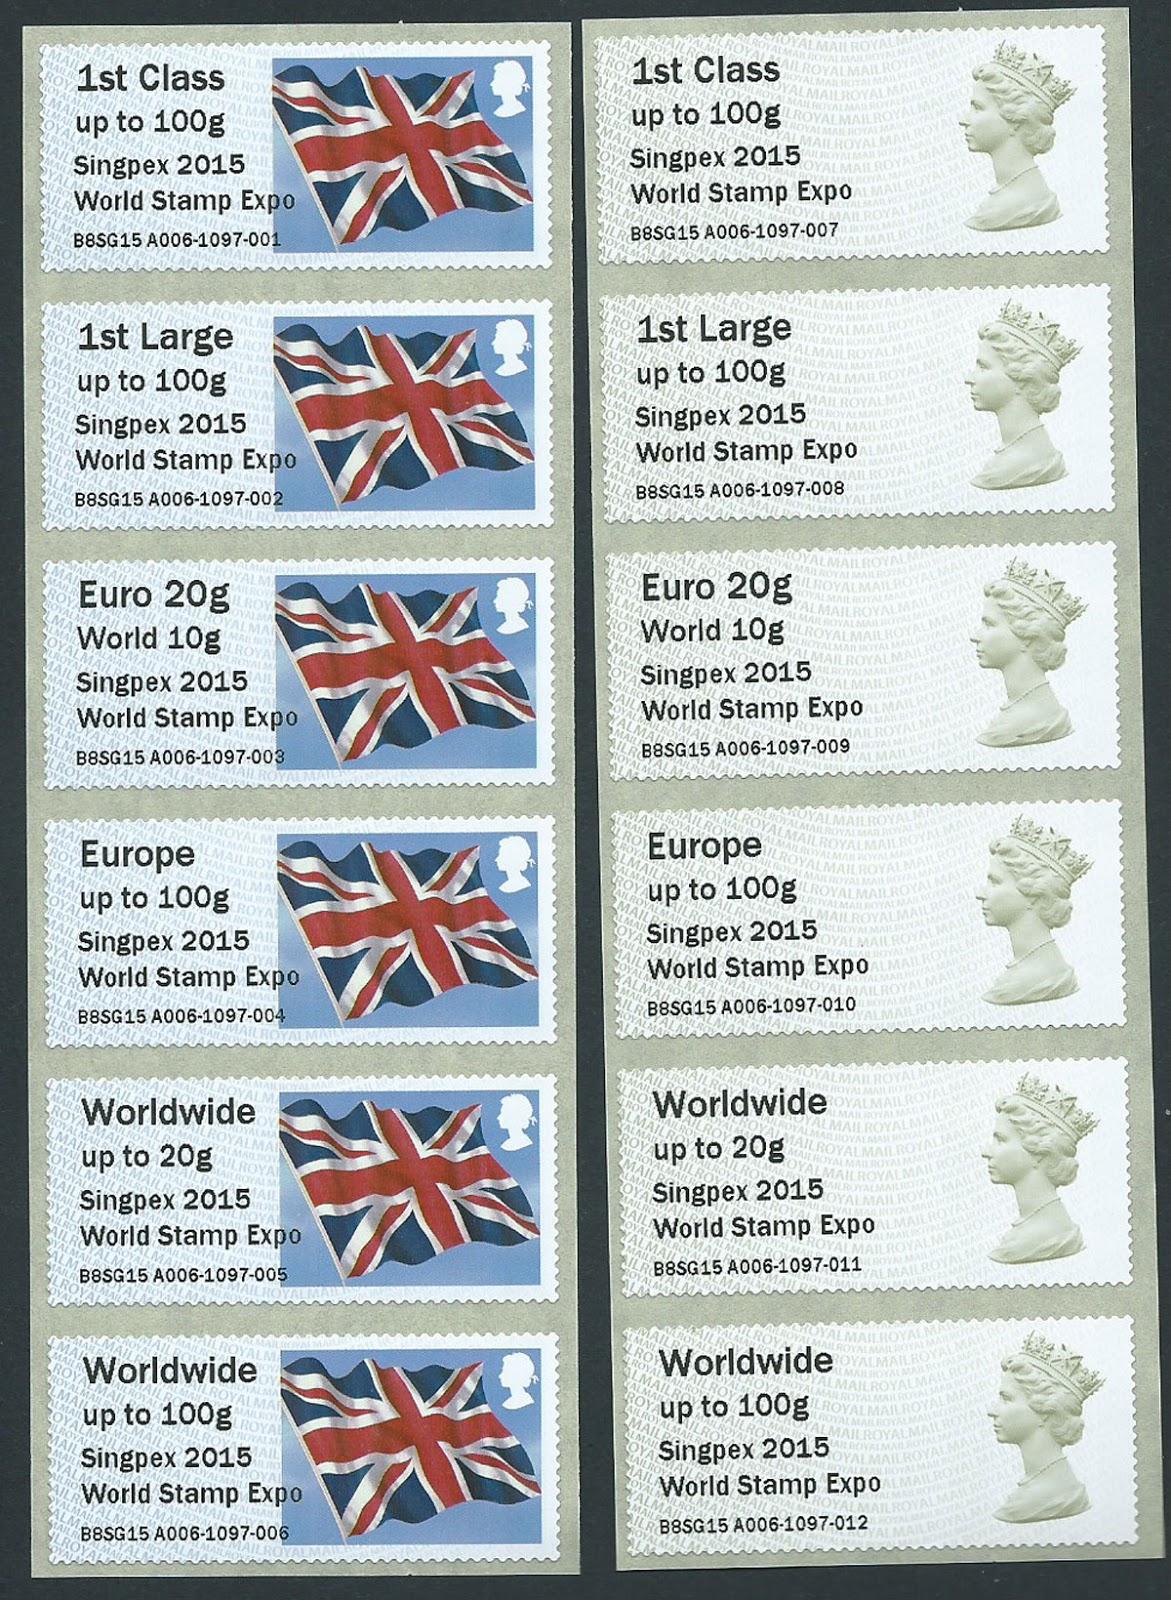 Cddstamps On Stamps